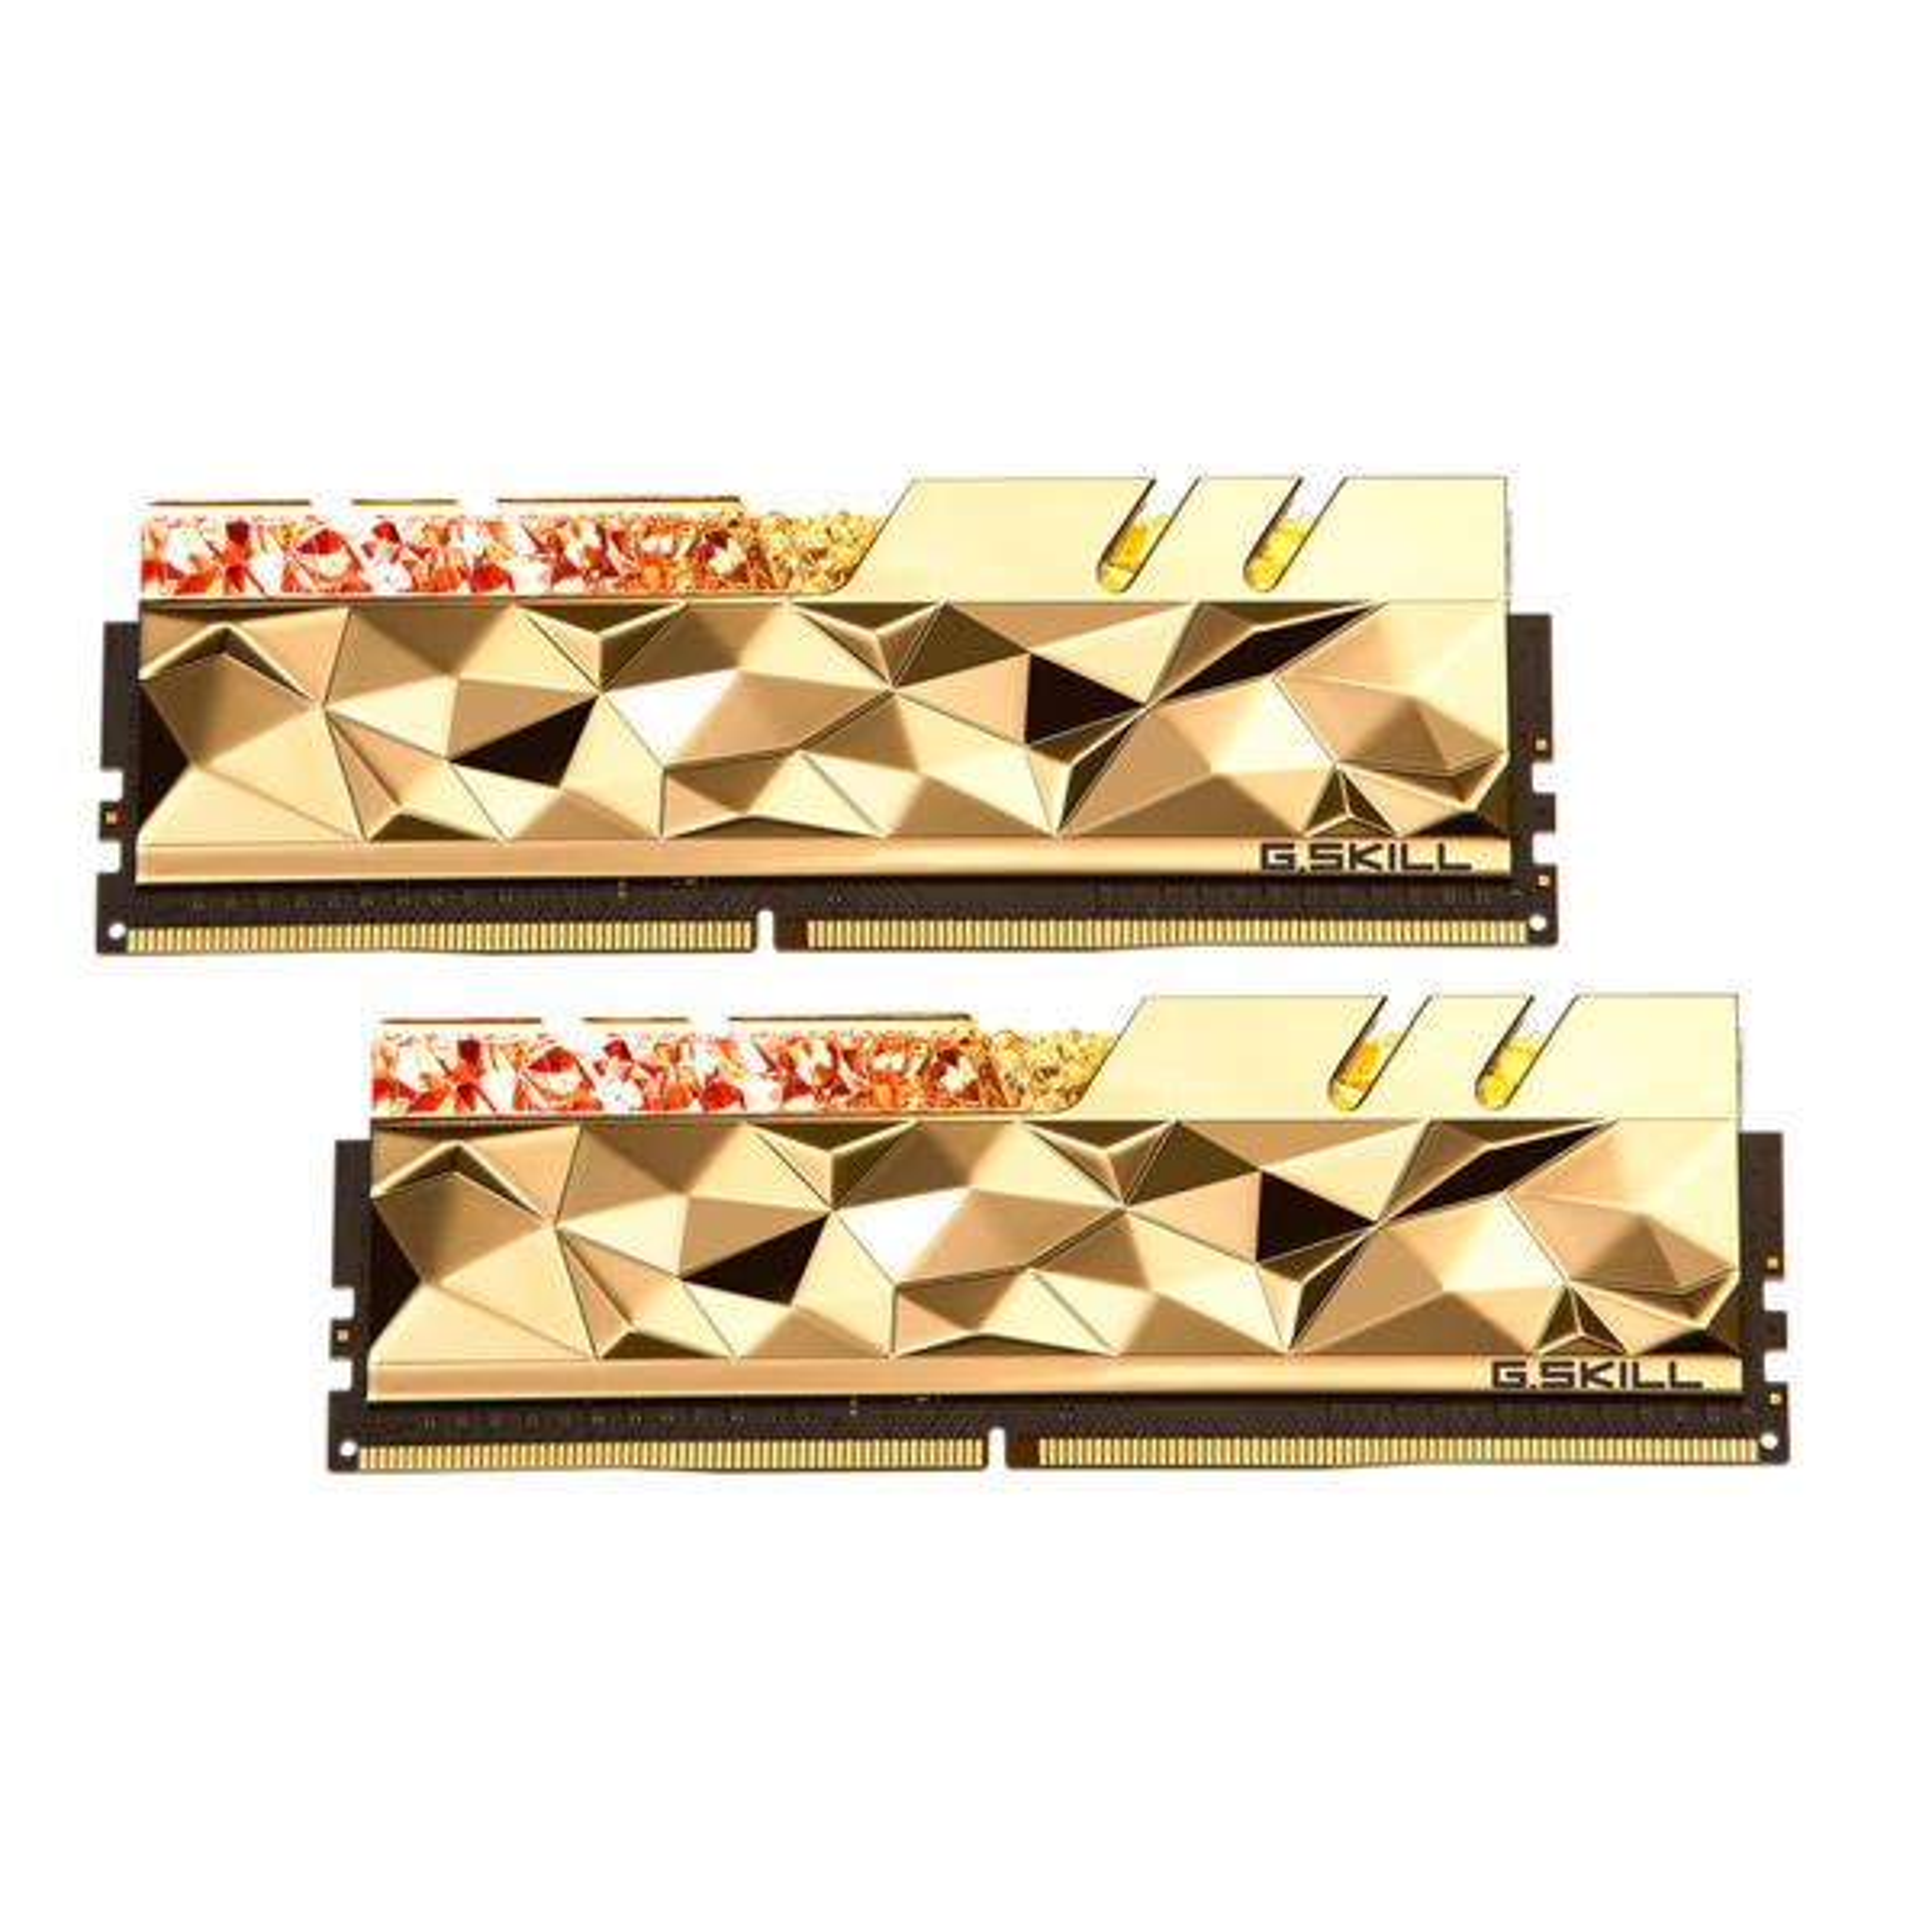 رم دسکتاپ DDR4 دو کاناله 4266 مگاهرتز CL19 جی اسکیل مدل TRIDENTZ ROYAL ELITE ظرفیت 64 گیگابایت